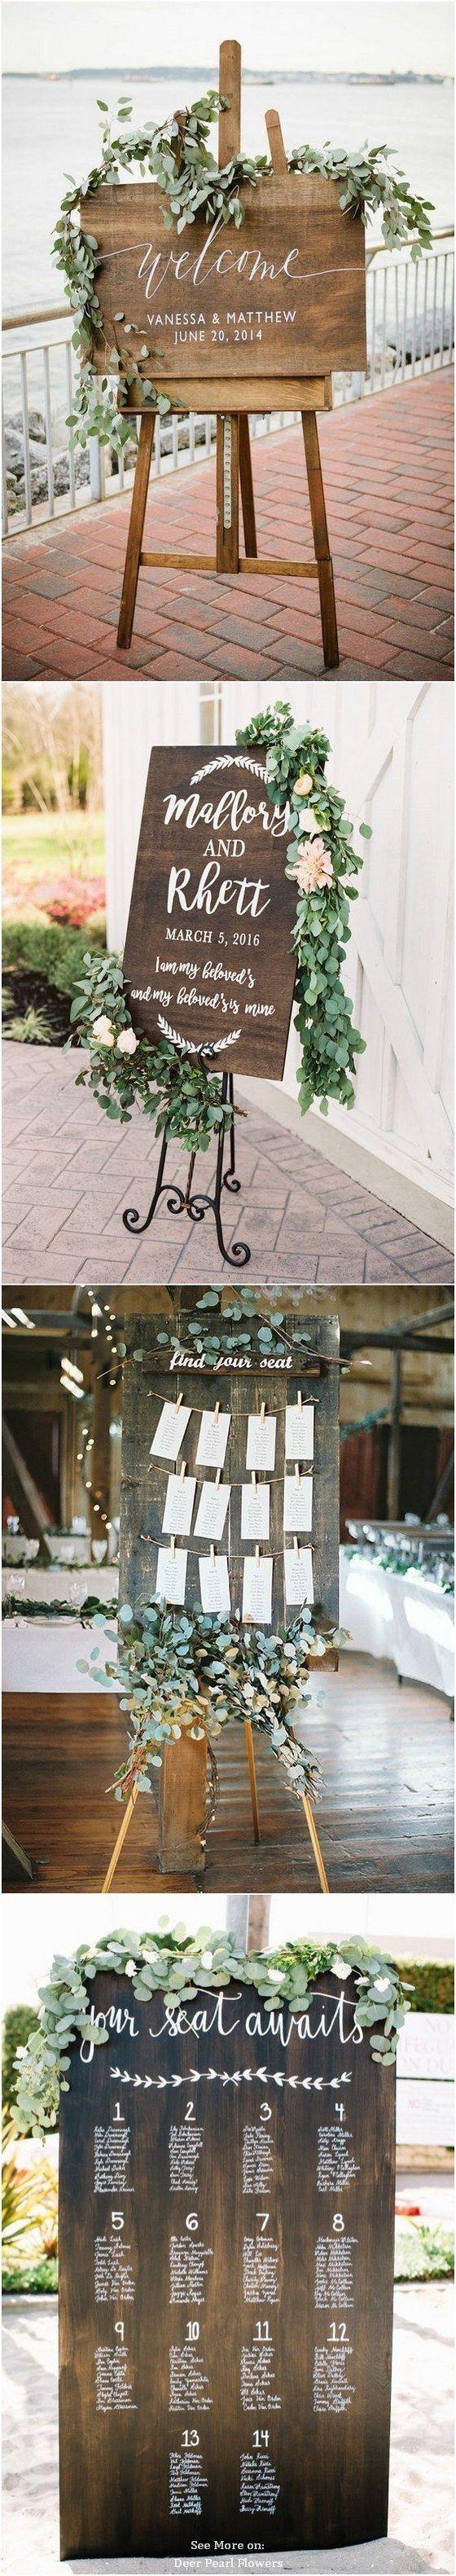 Pretty wooden signs for a rustic wedding #weddingsigns #rusticwedding – #pretty …